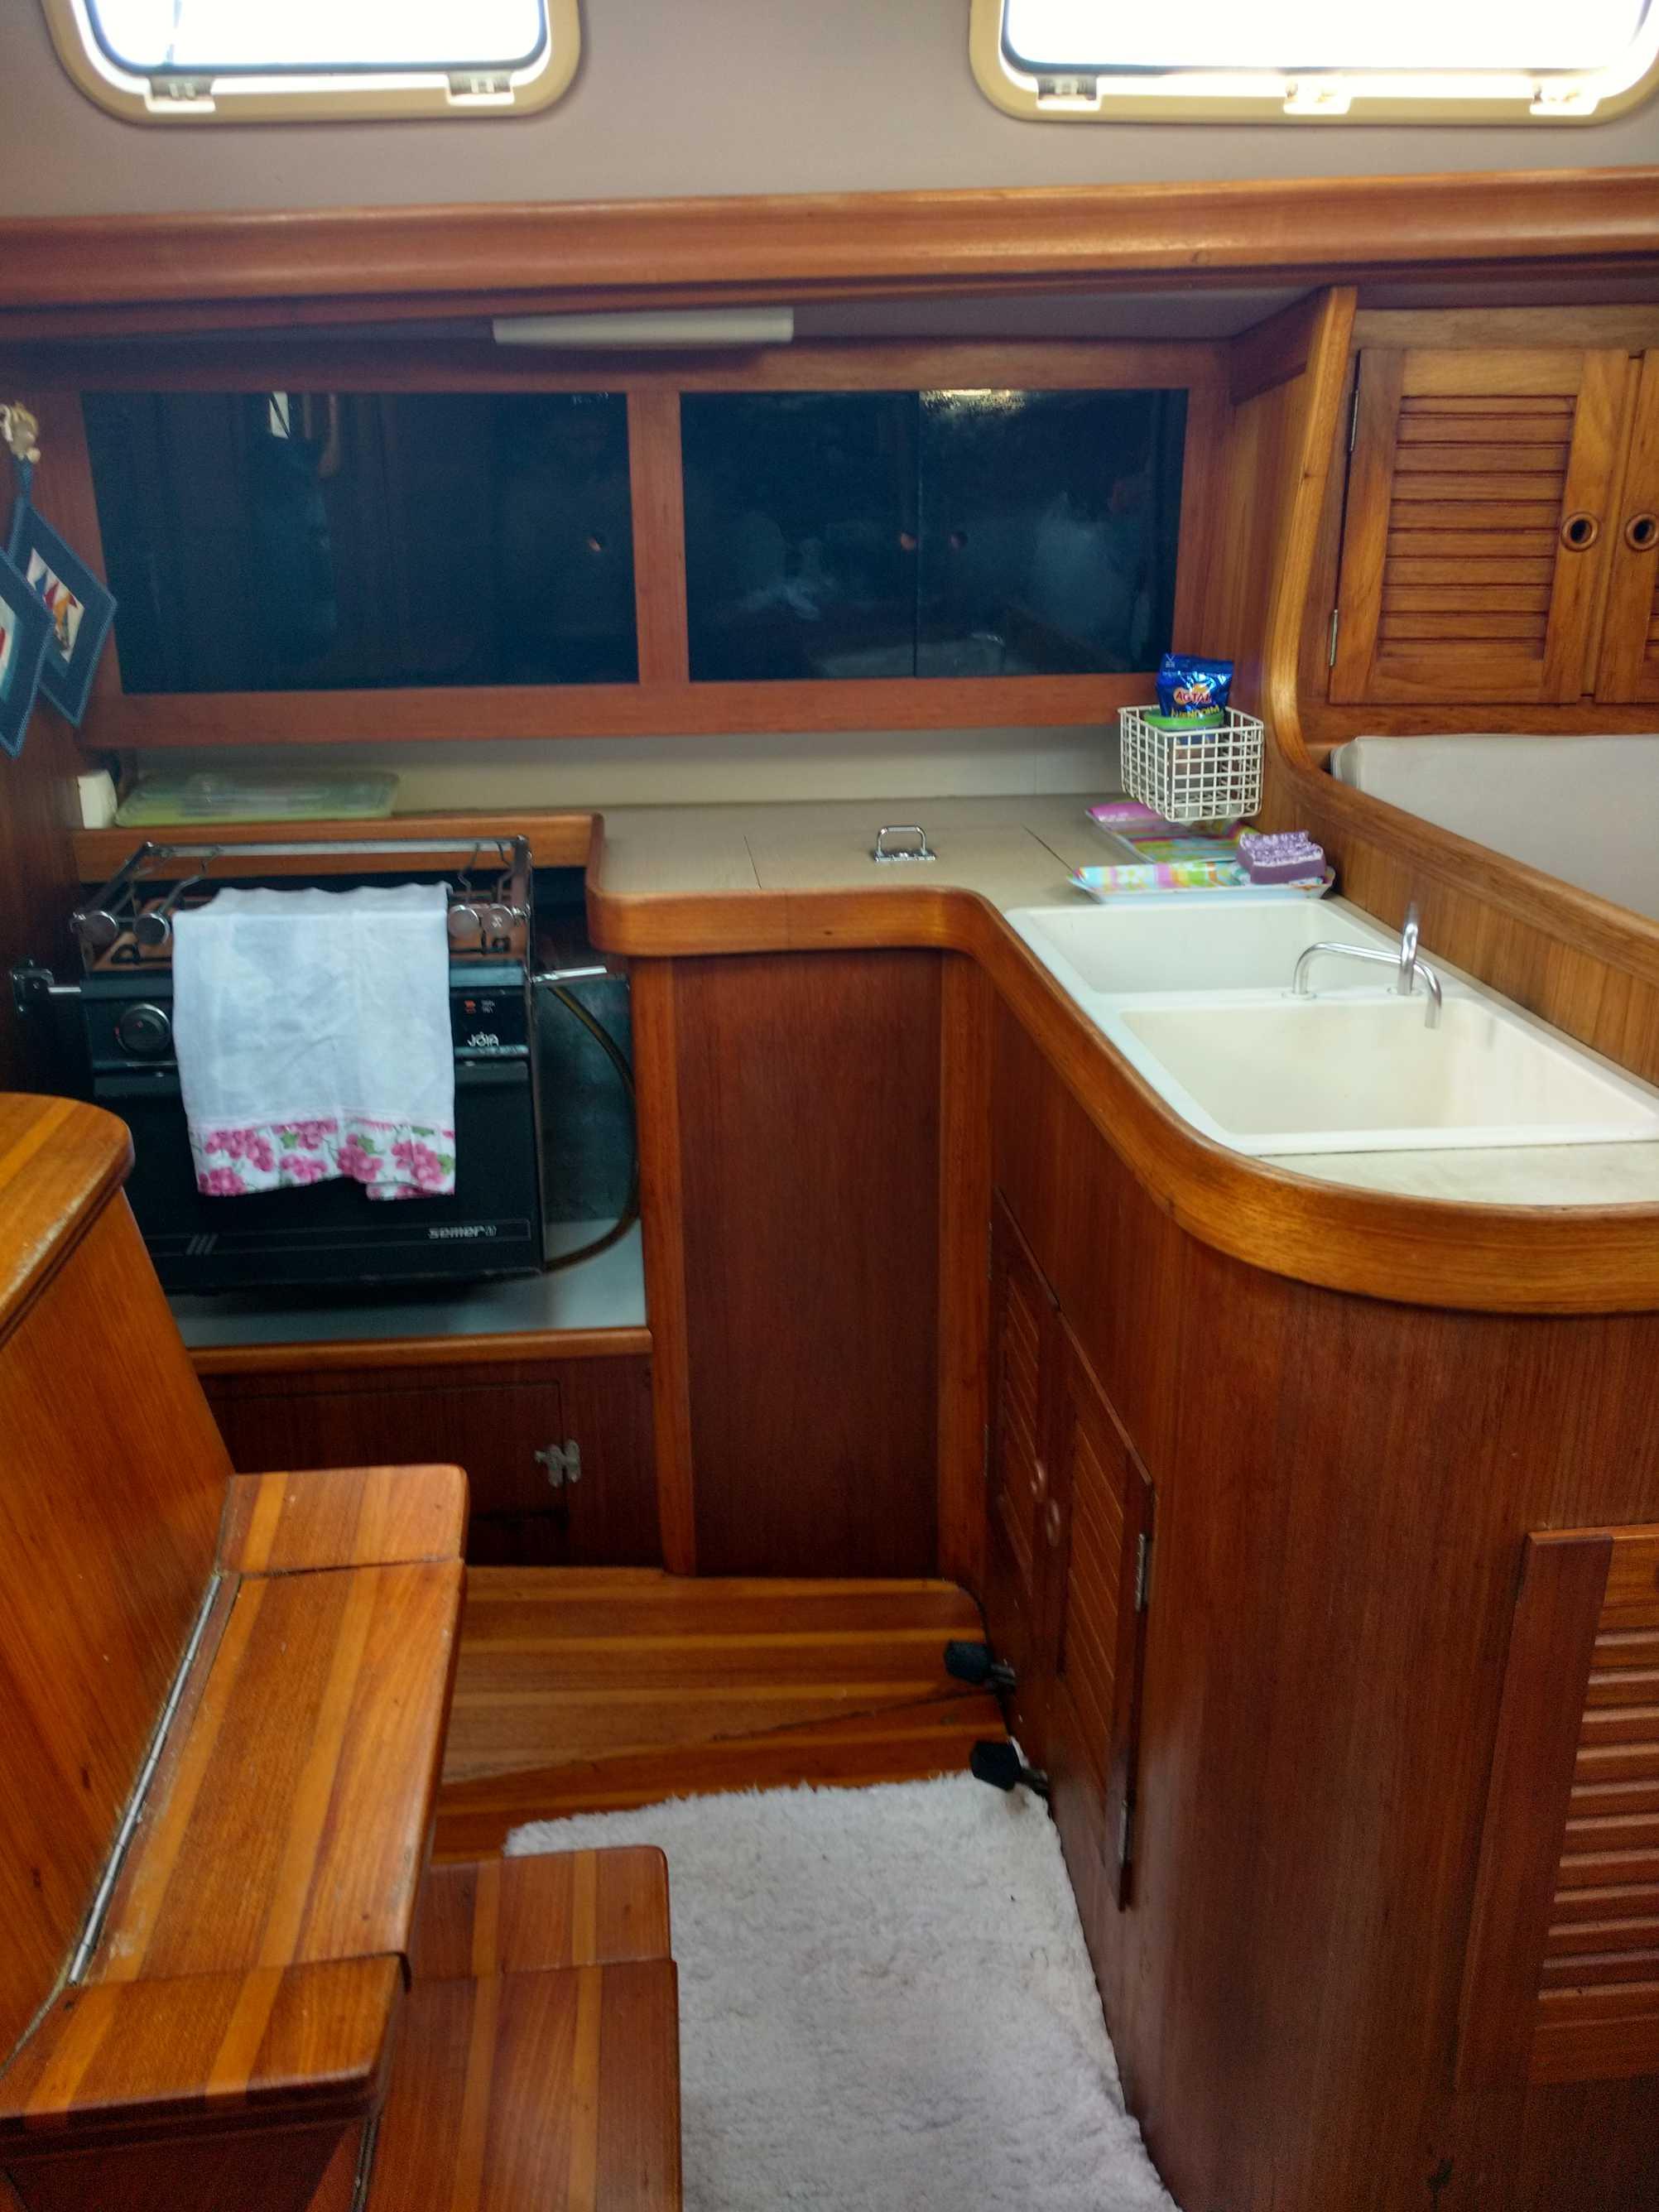 Samoa 35 kitchen